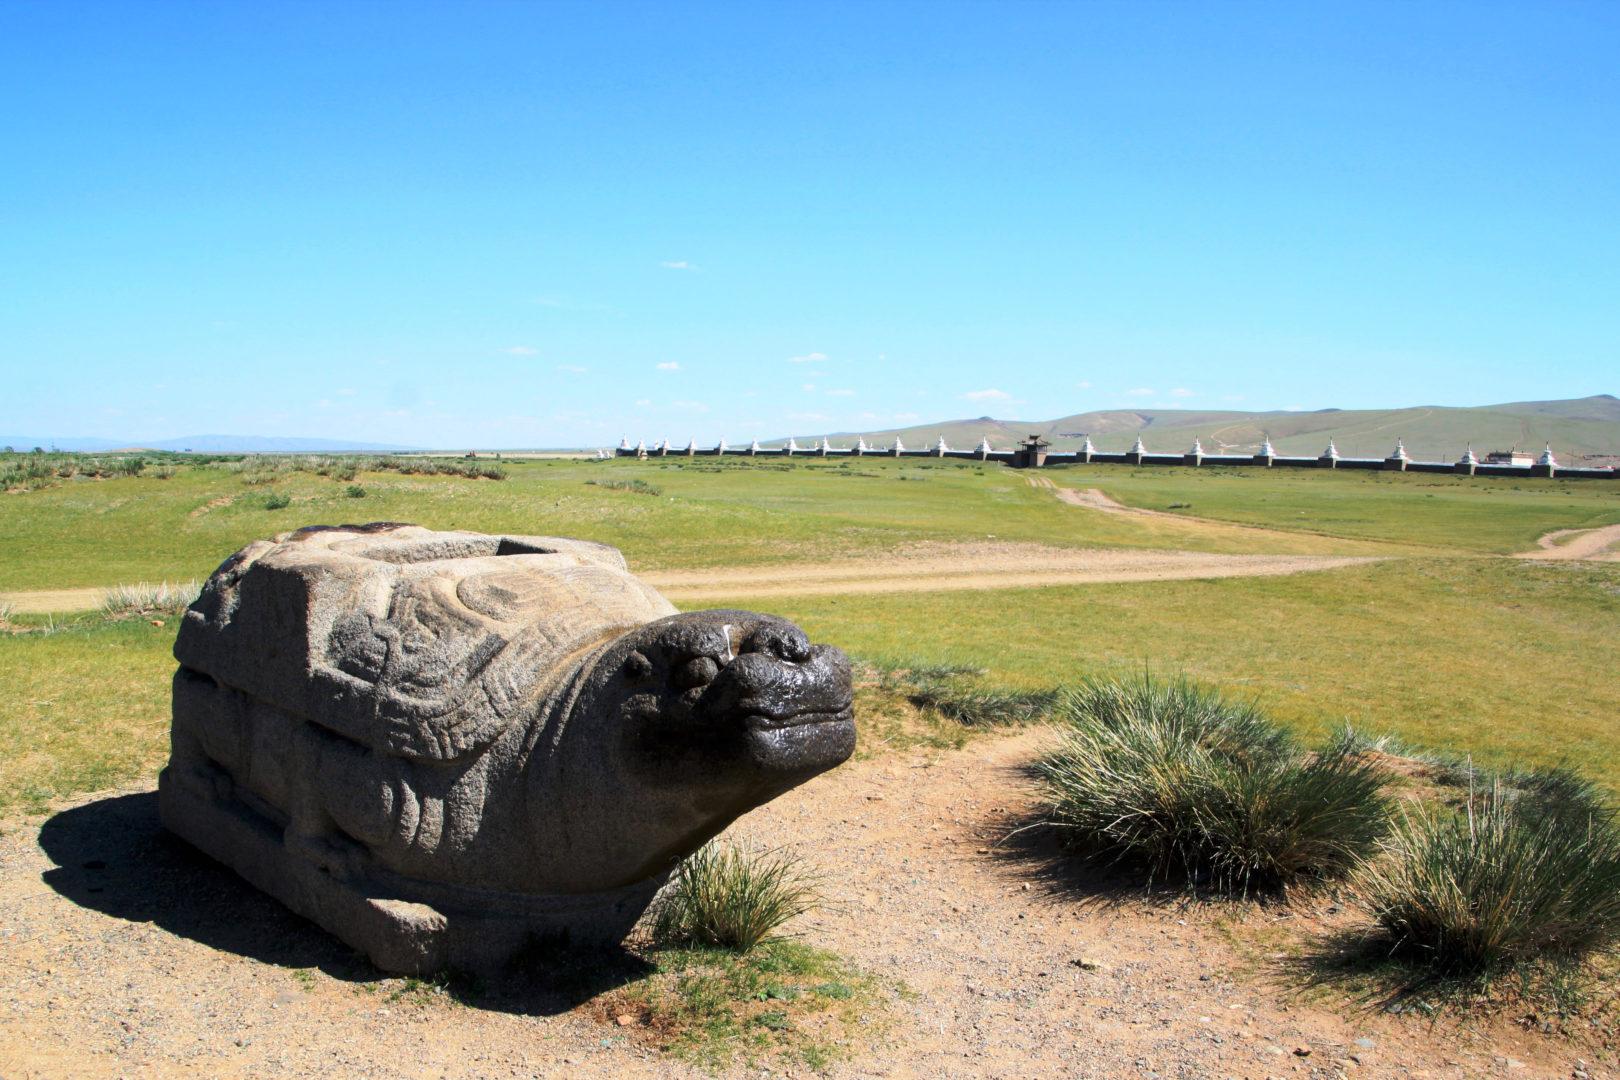 Schildkröte - Stütze einer Säule des alten Palastes des Dschingis Khans